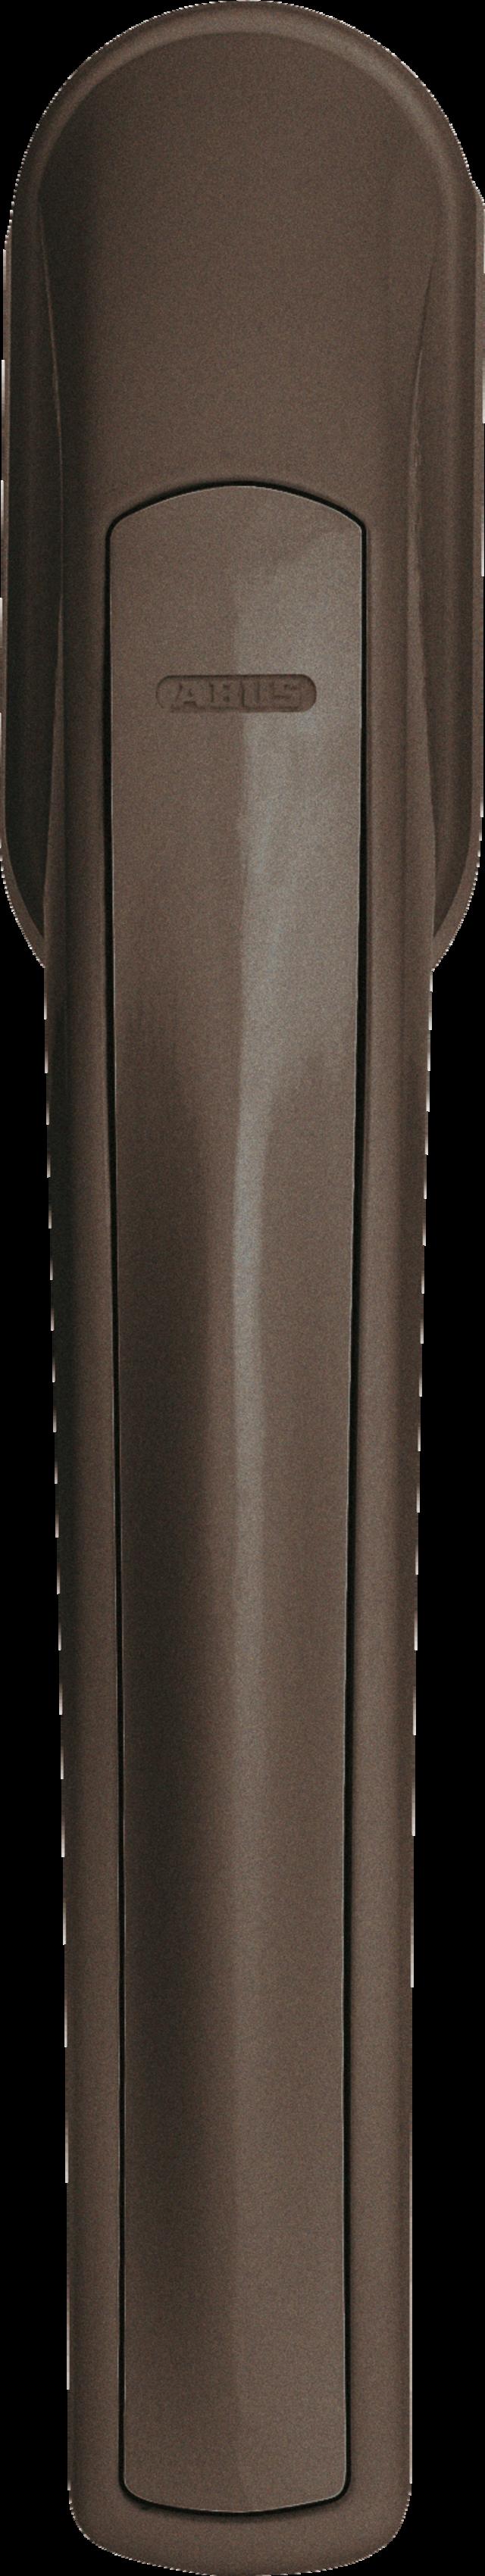 Secvest Funk-Fenstergriff FG 350 E (braun) Vorderansicht